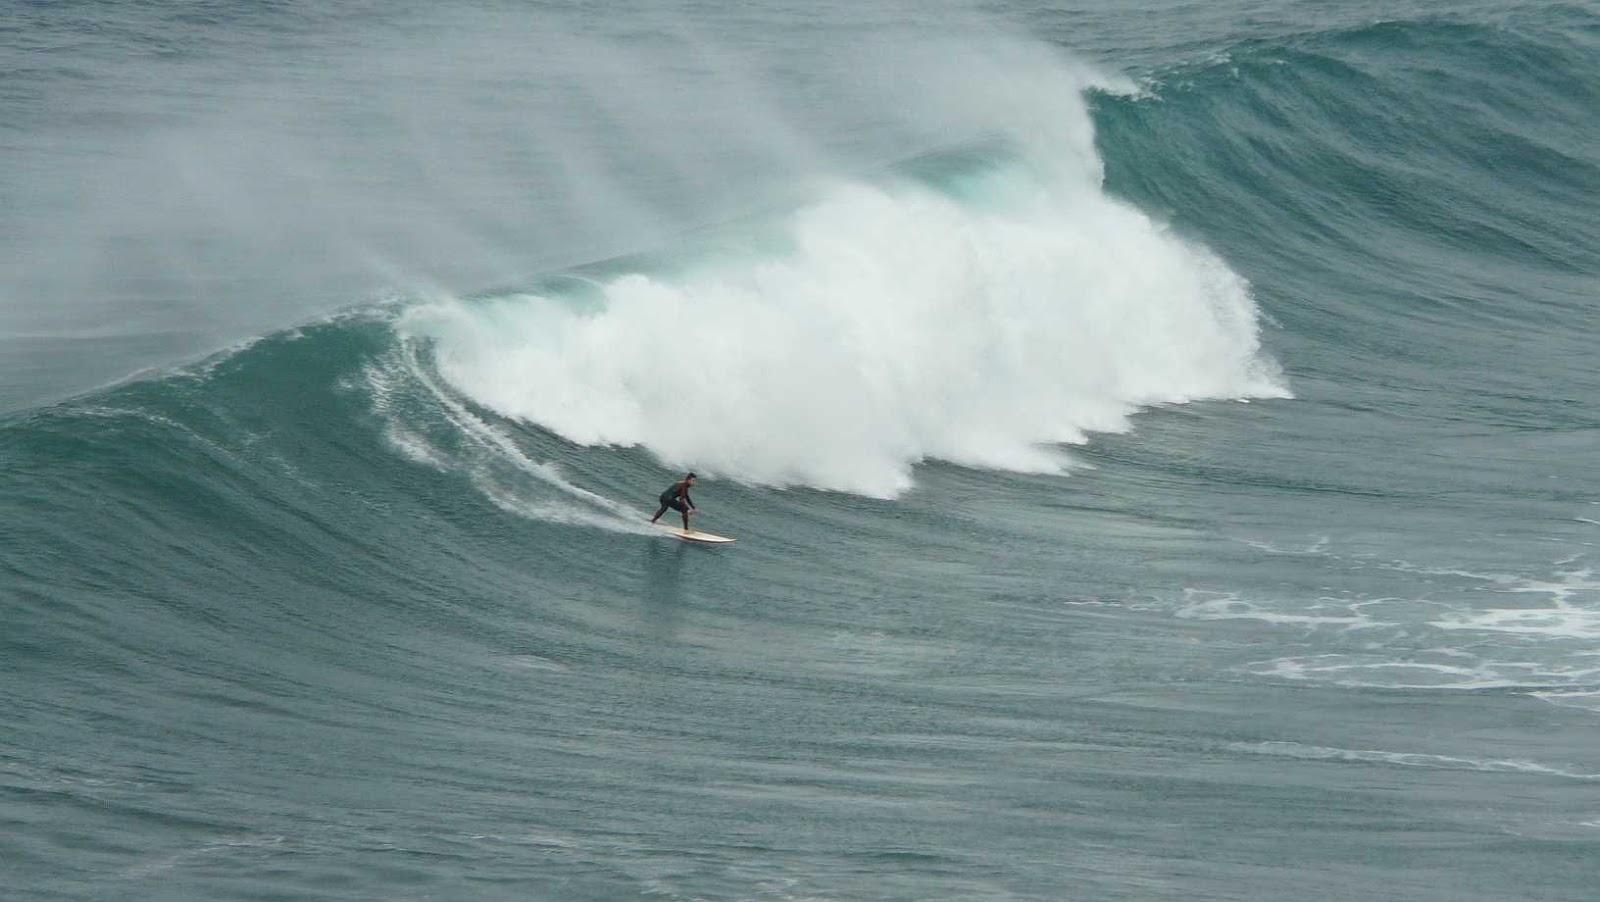 sesion otono menakoz septiembre 2015 surf olas grandes 11